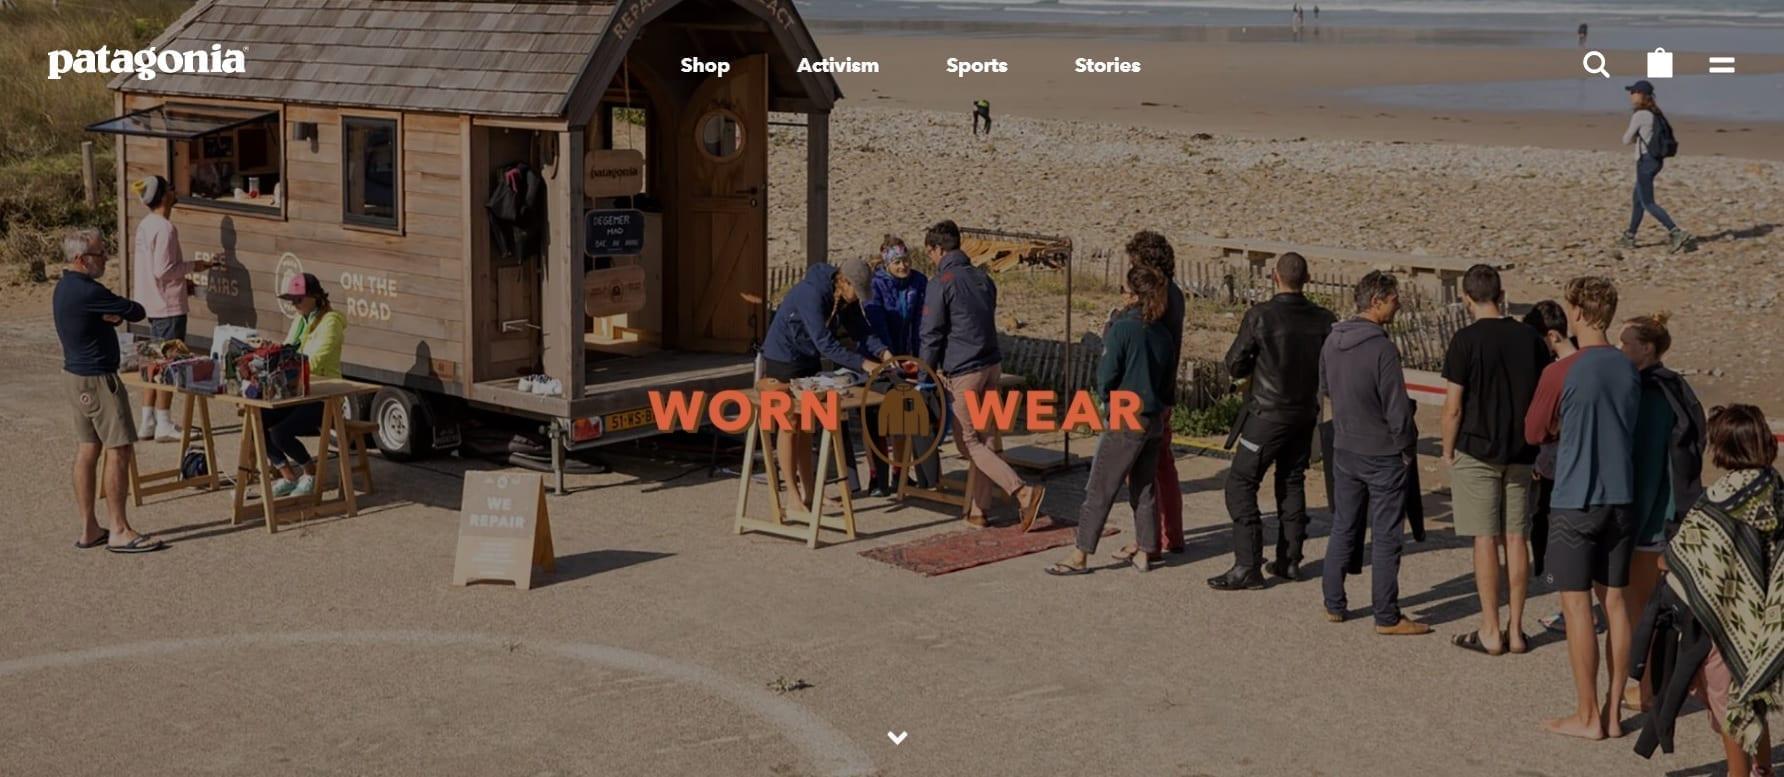 Patagonia website, een innovatief businessmodel.